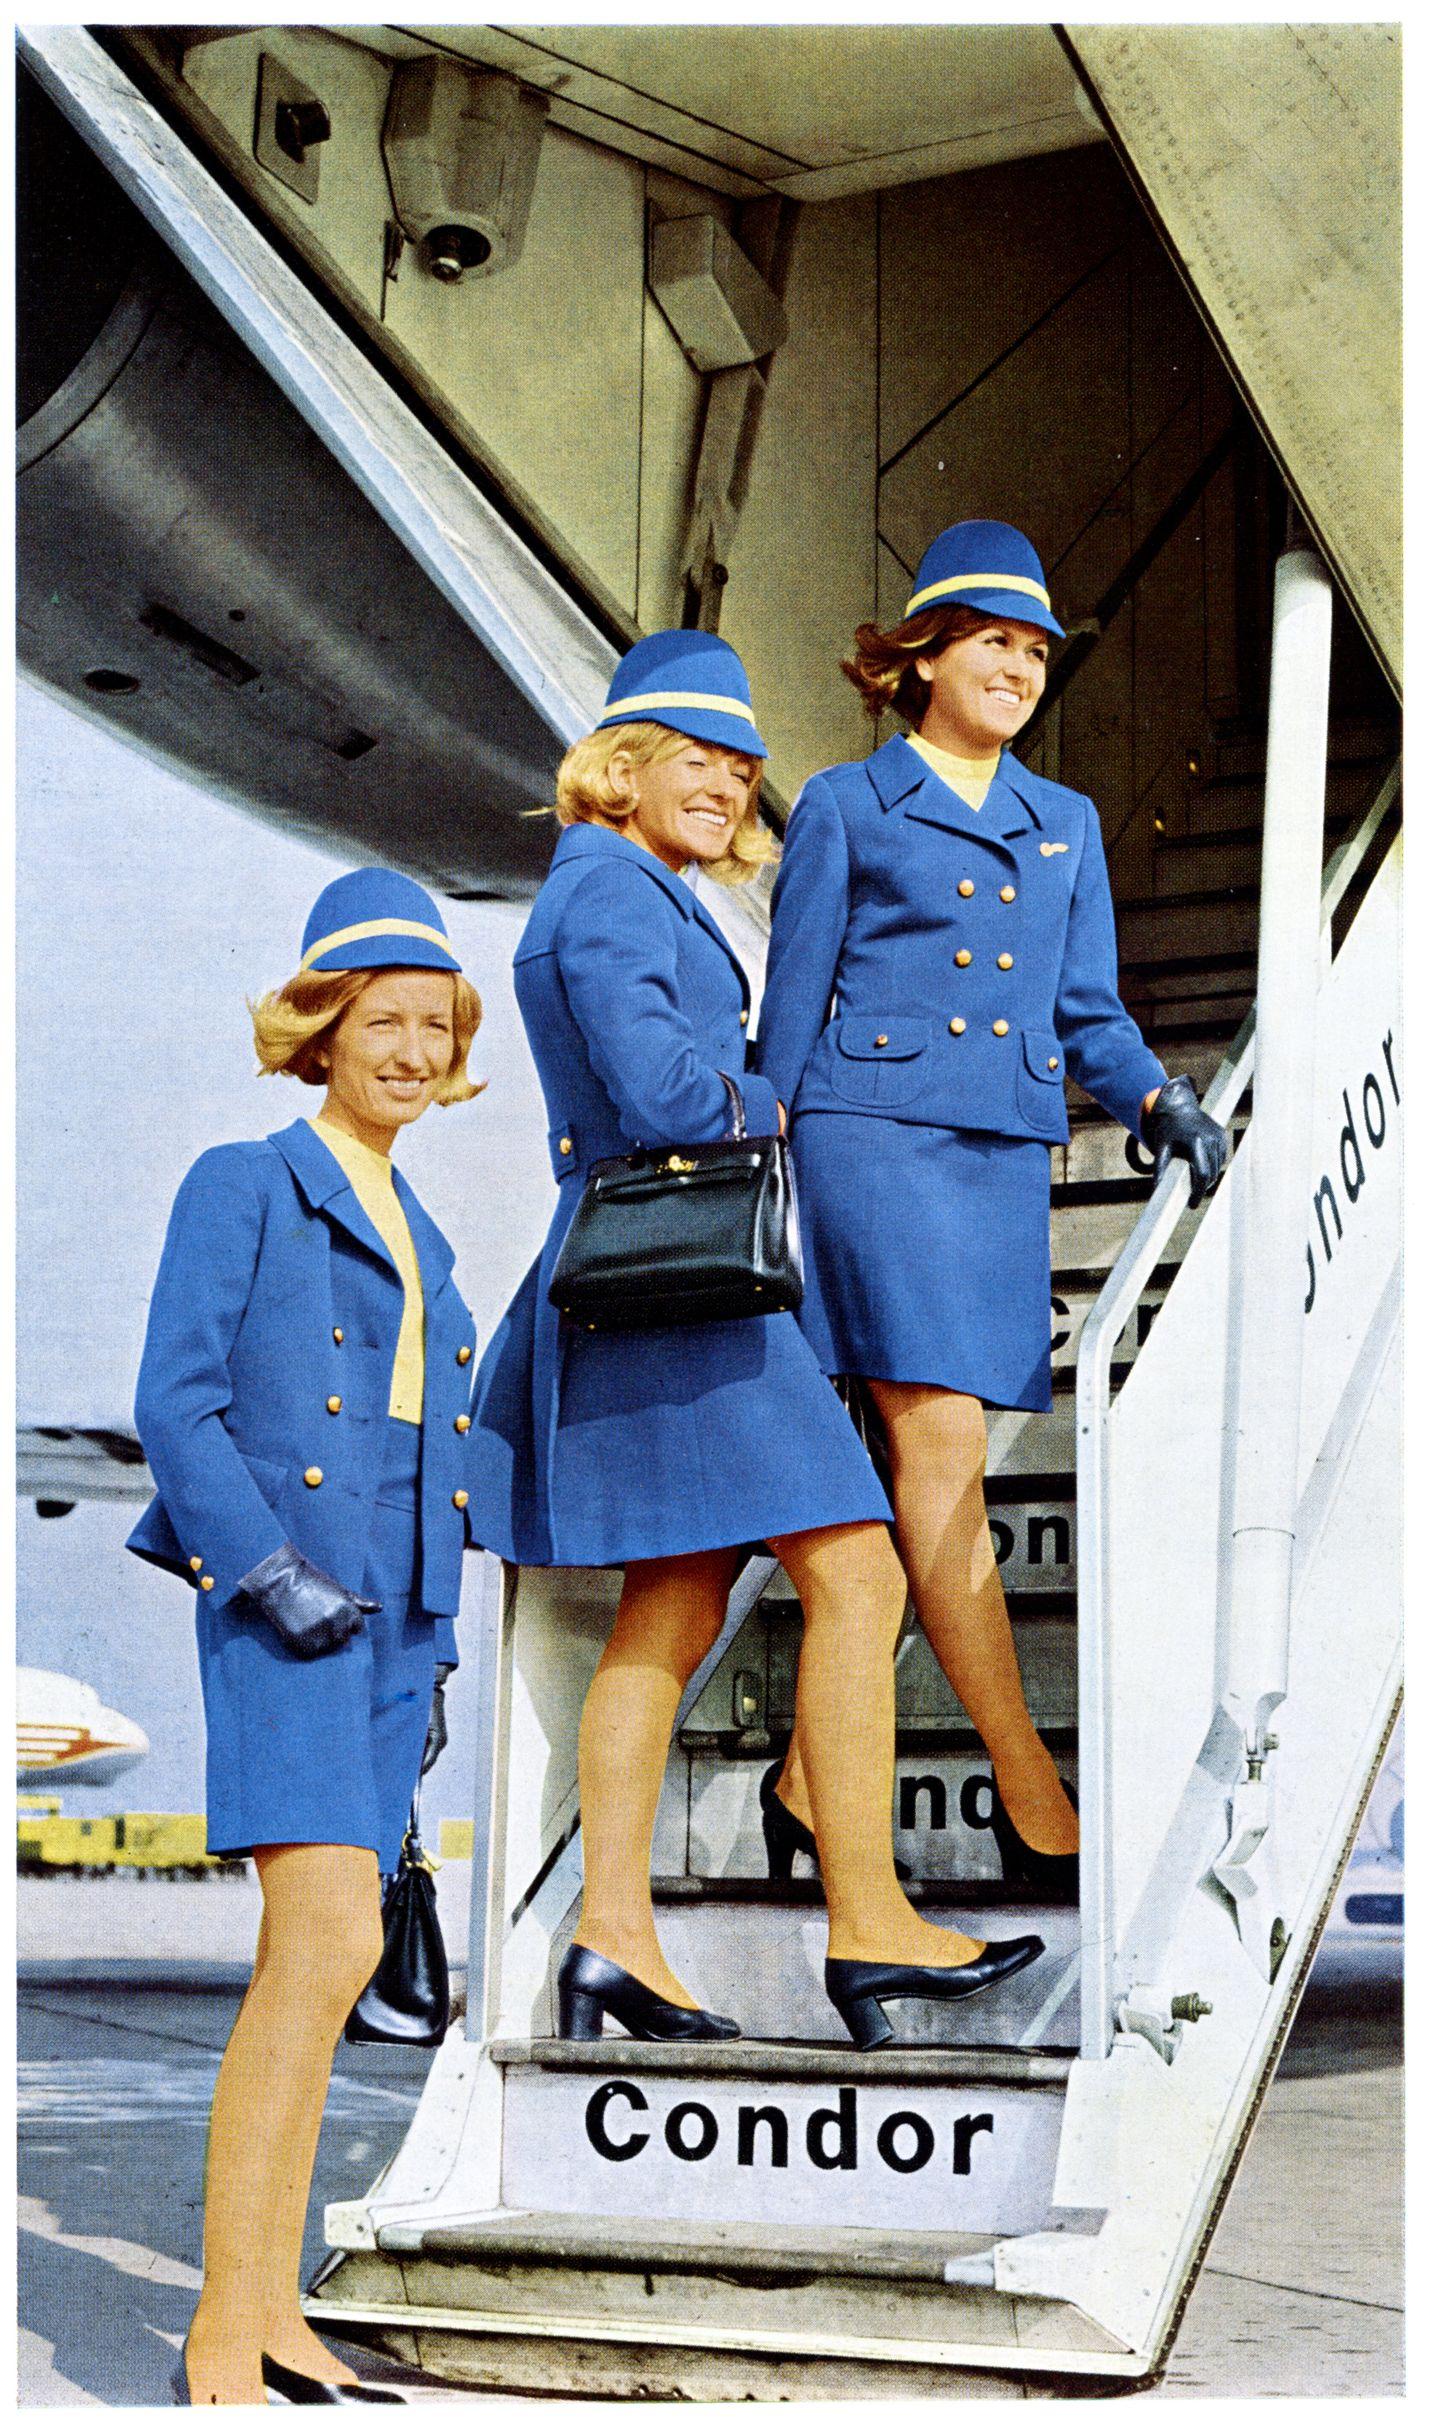 So sahen die Flugbegleiterinnen in den 70er-Jahren aus: Hier stehen sie an der heruntergelassenen Treppe am Heck einer Boeing 727